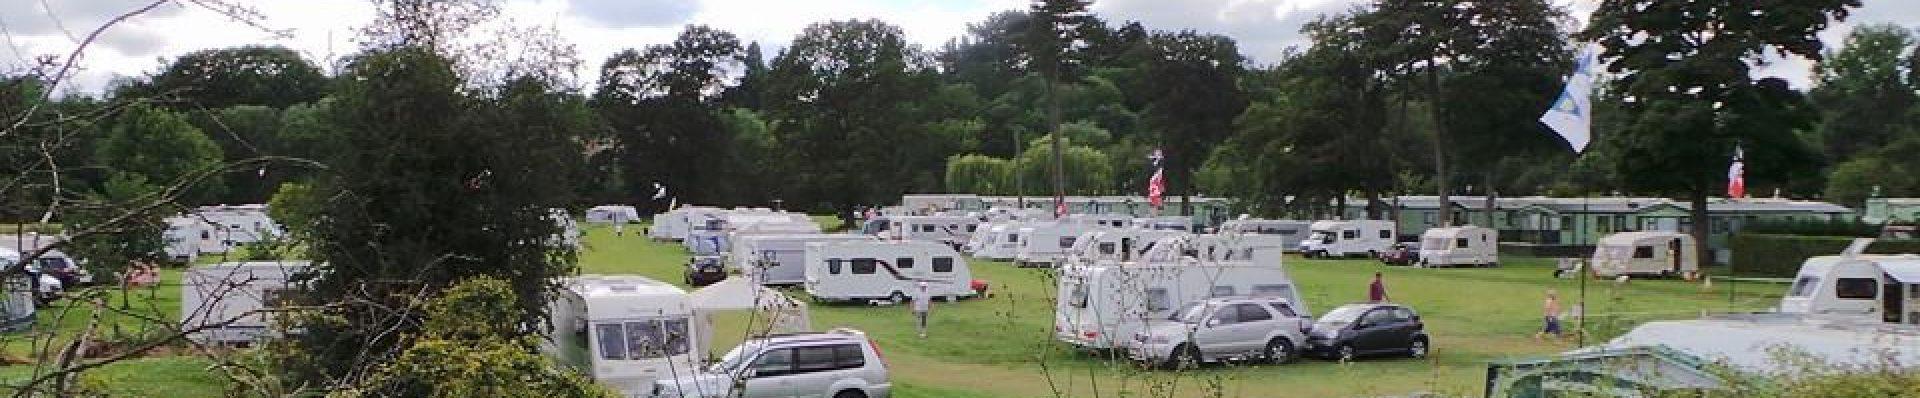 Shropshire DA